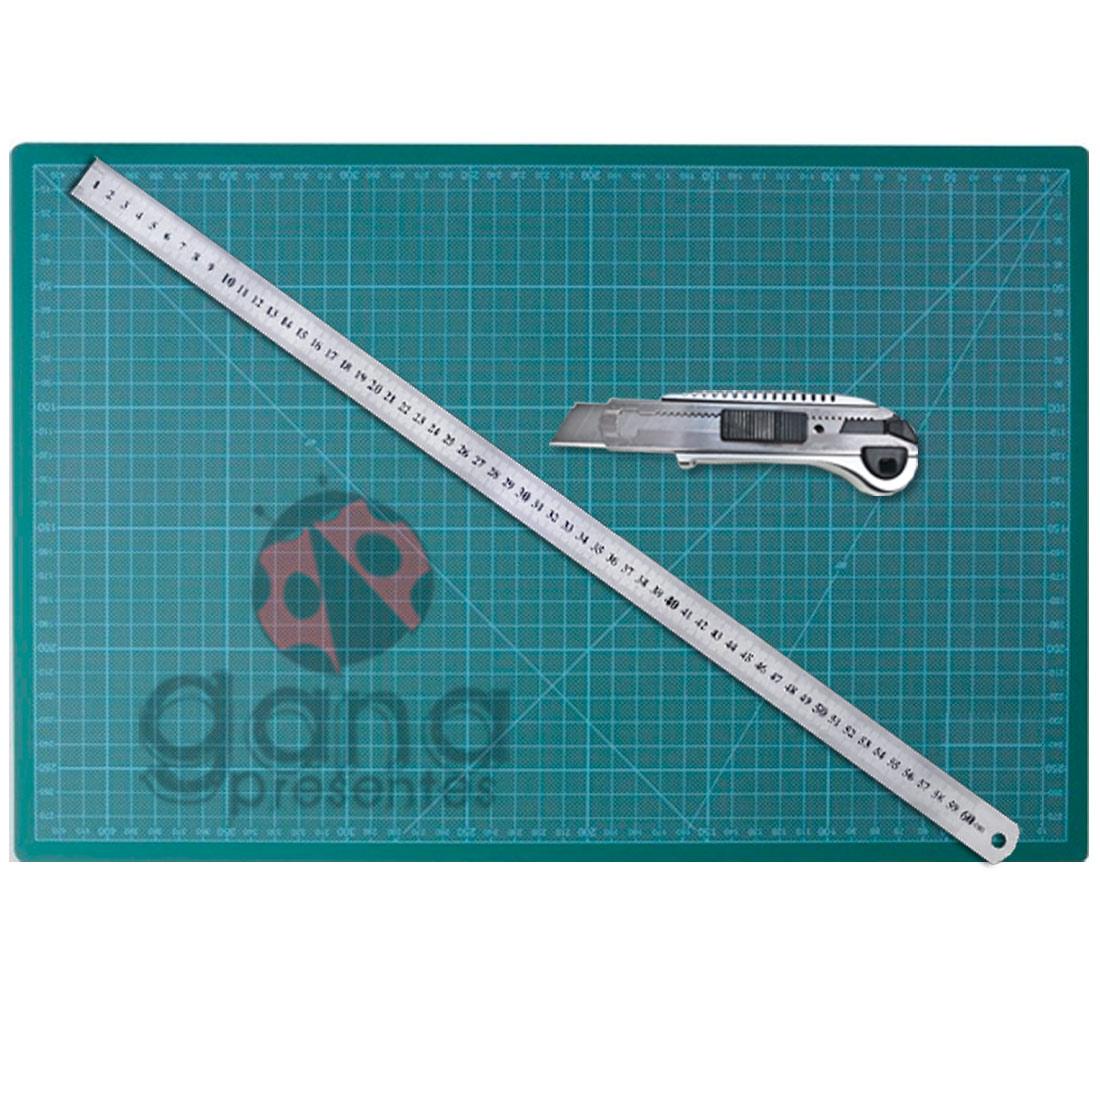 Kit de Corte - 60x45 ferramentas para em cartonagem e artesanato